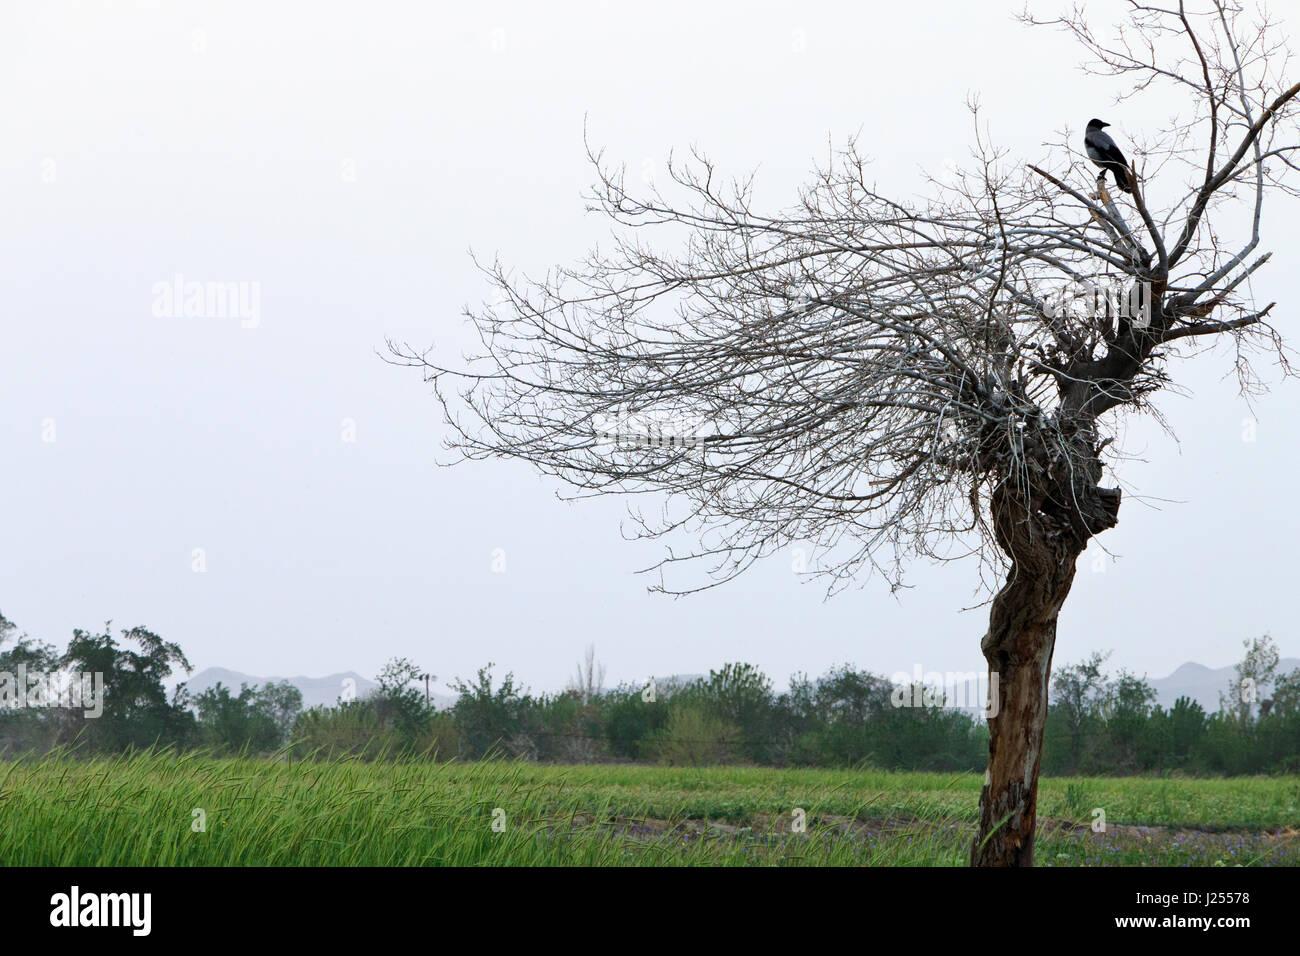 Eine Krähe thront auf der Spitze eines Baumes Stockbild